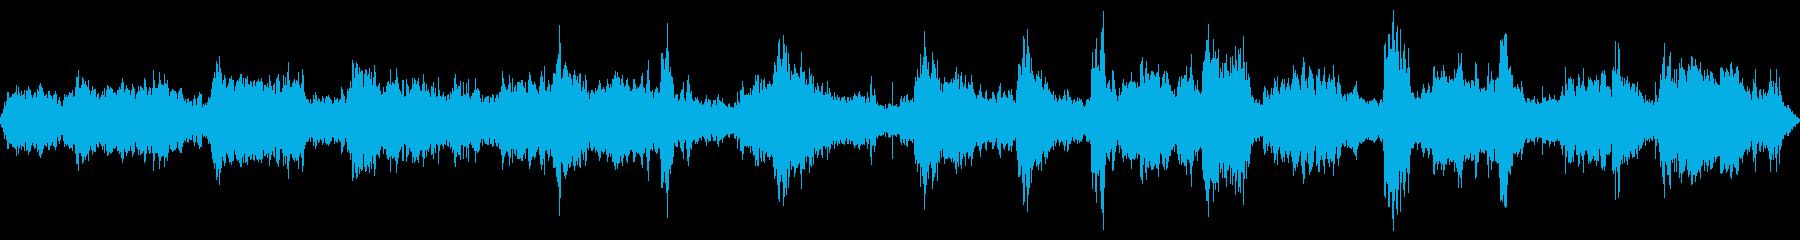 野鳥のコーラスの再生済みの波形